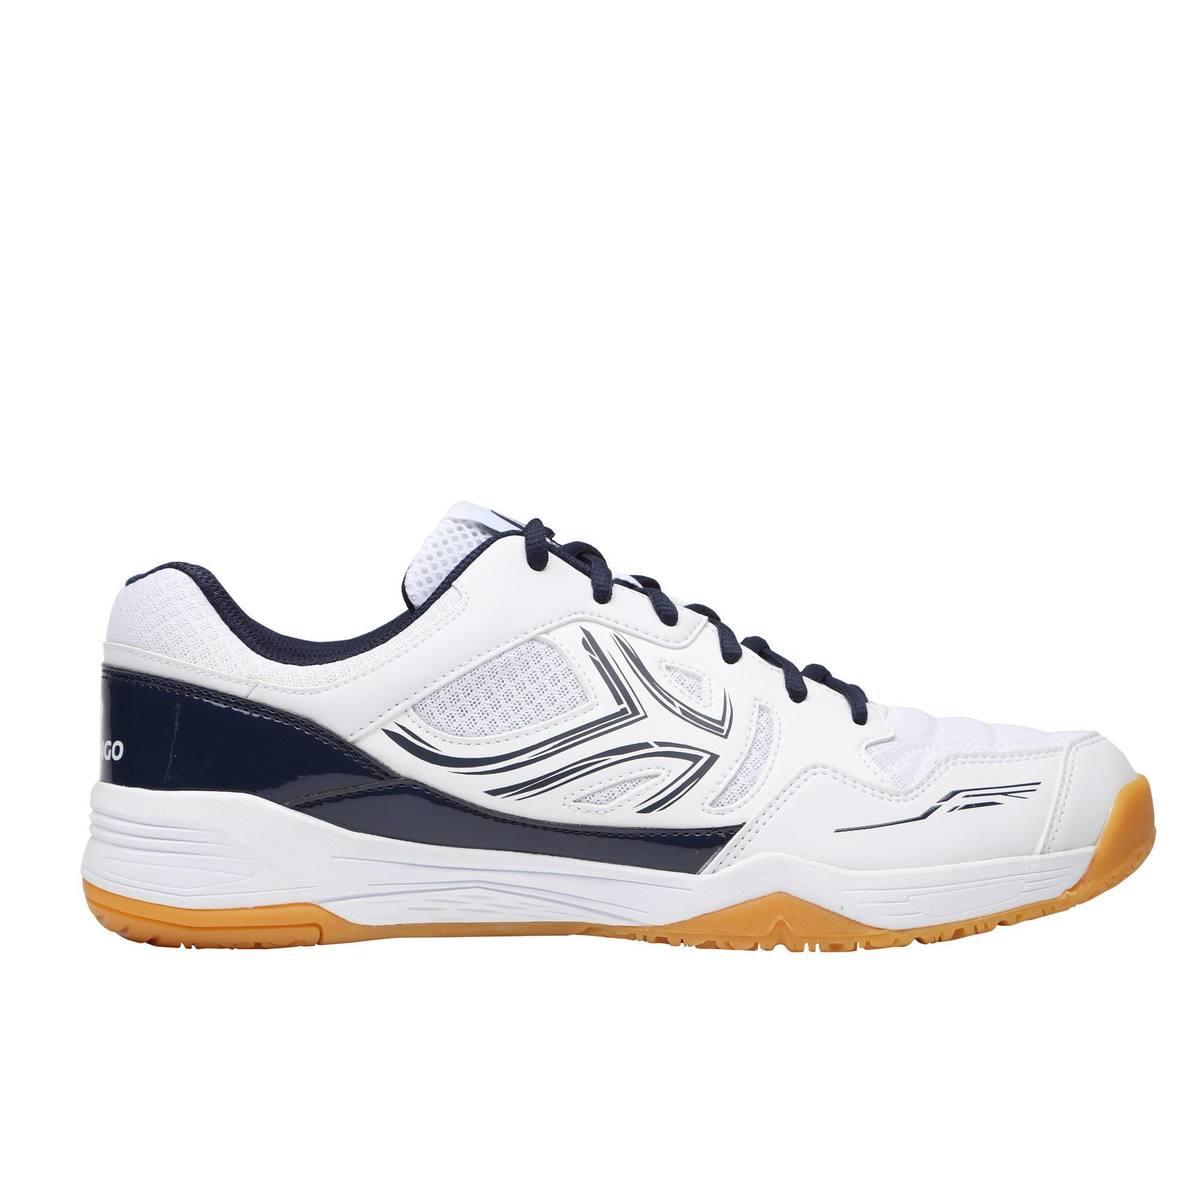 Bild 3 von Badmintonschuhe BS760 Herren weiß/blau